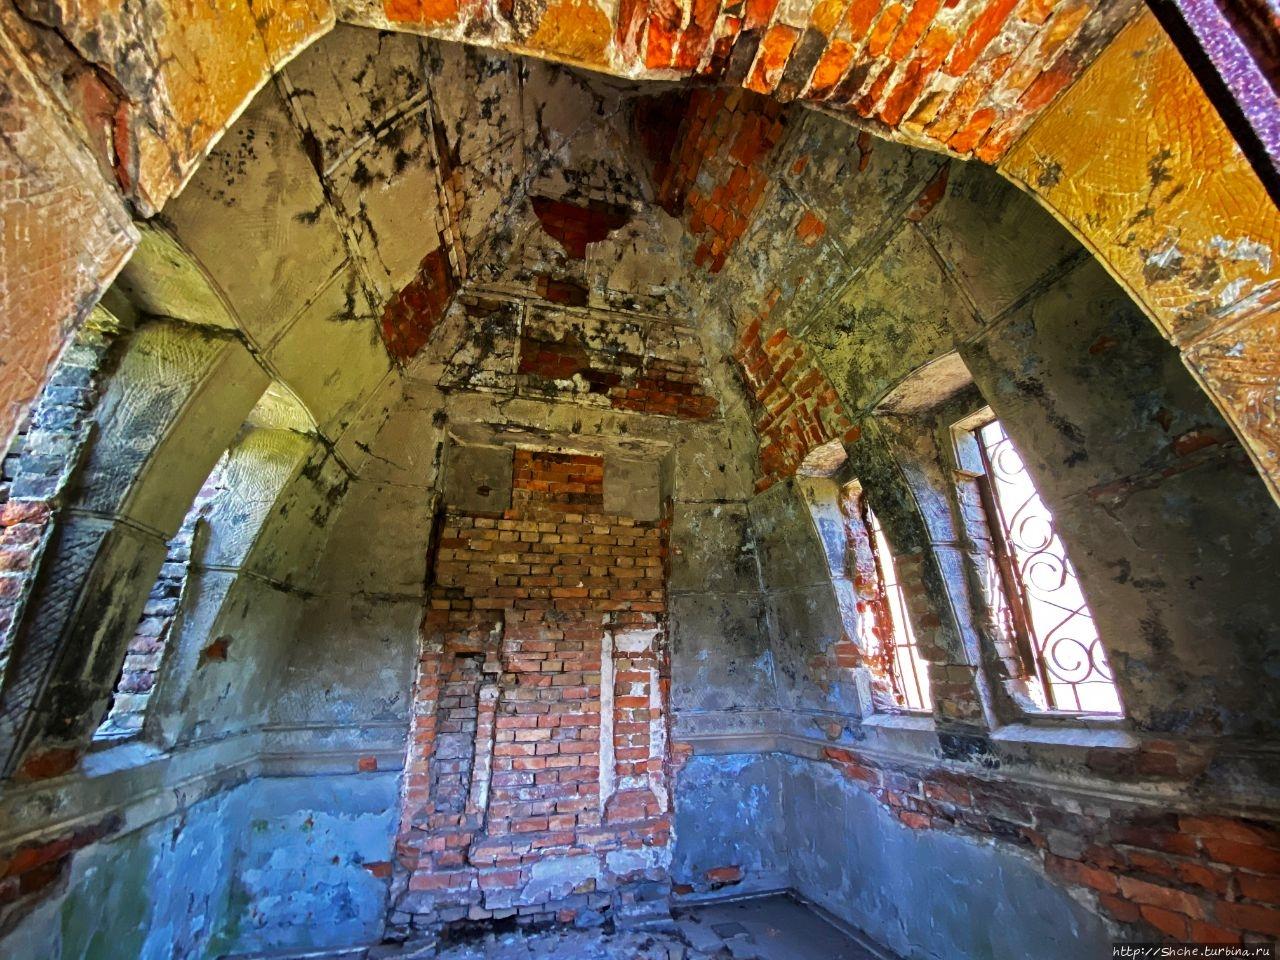 Пирамида-усыпальница Закревских Березовая Рудка, Украина